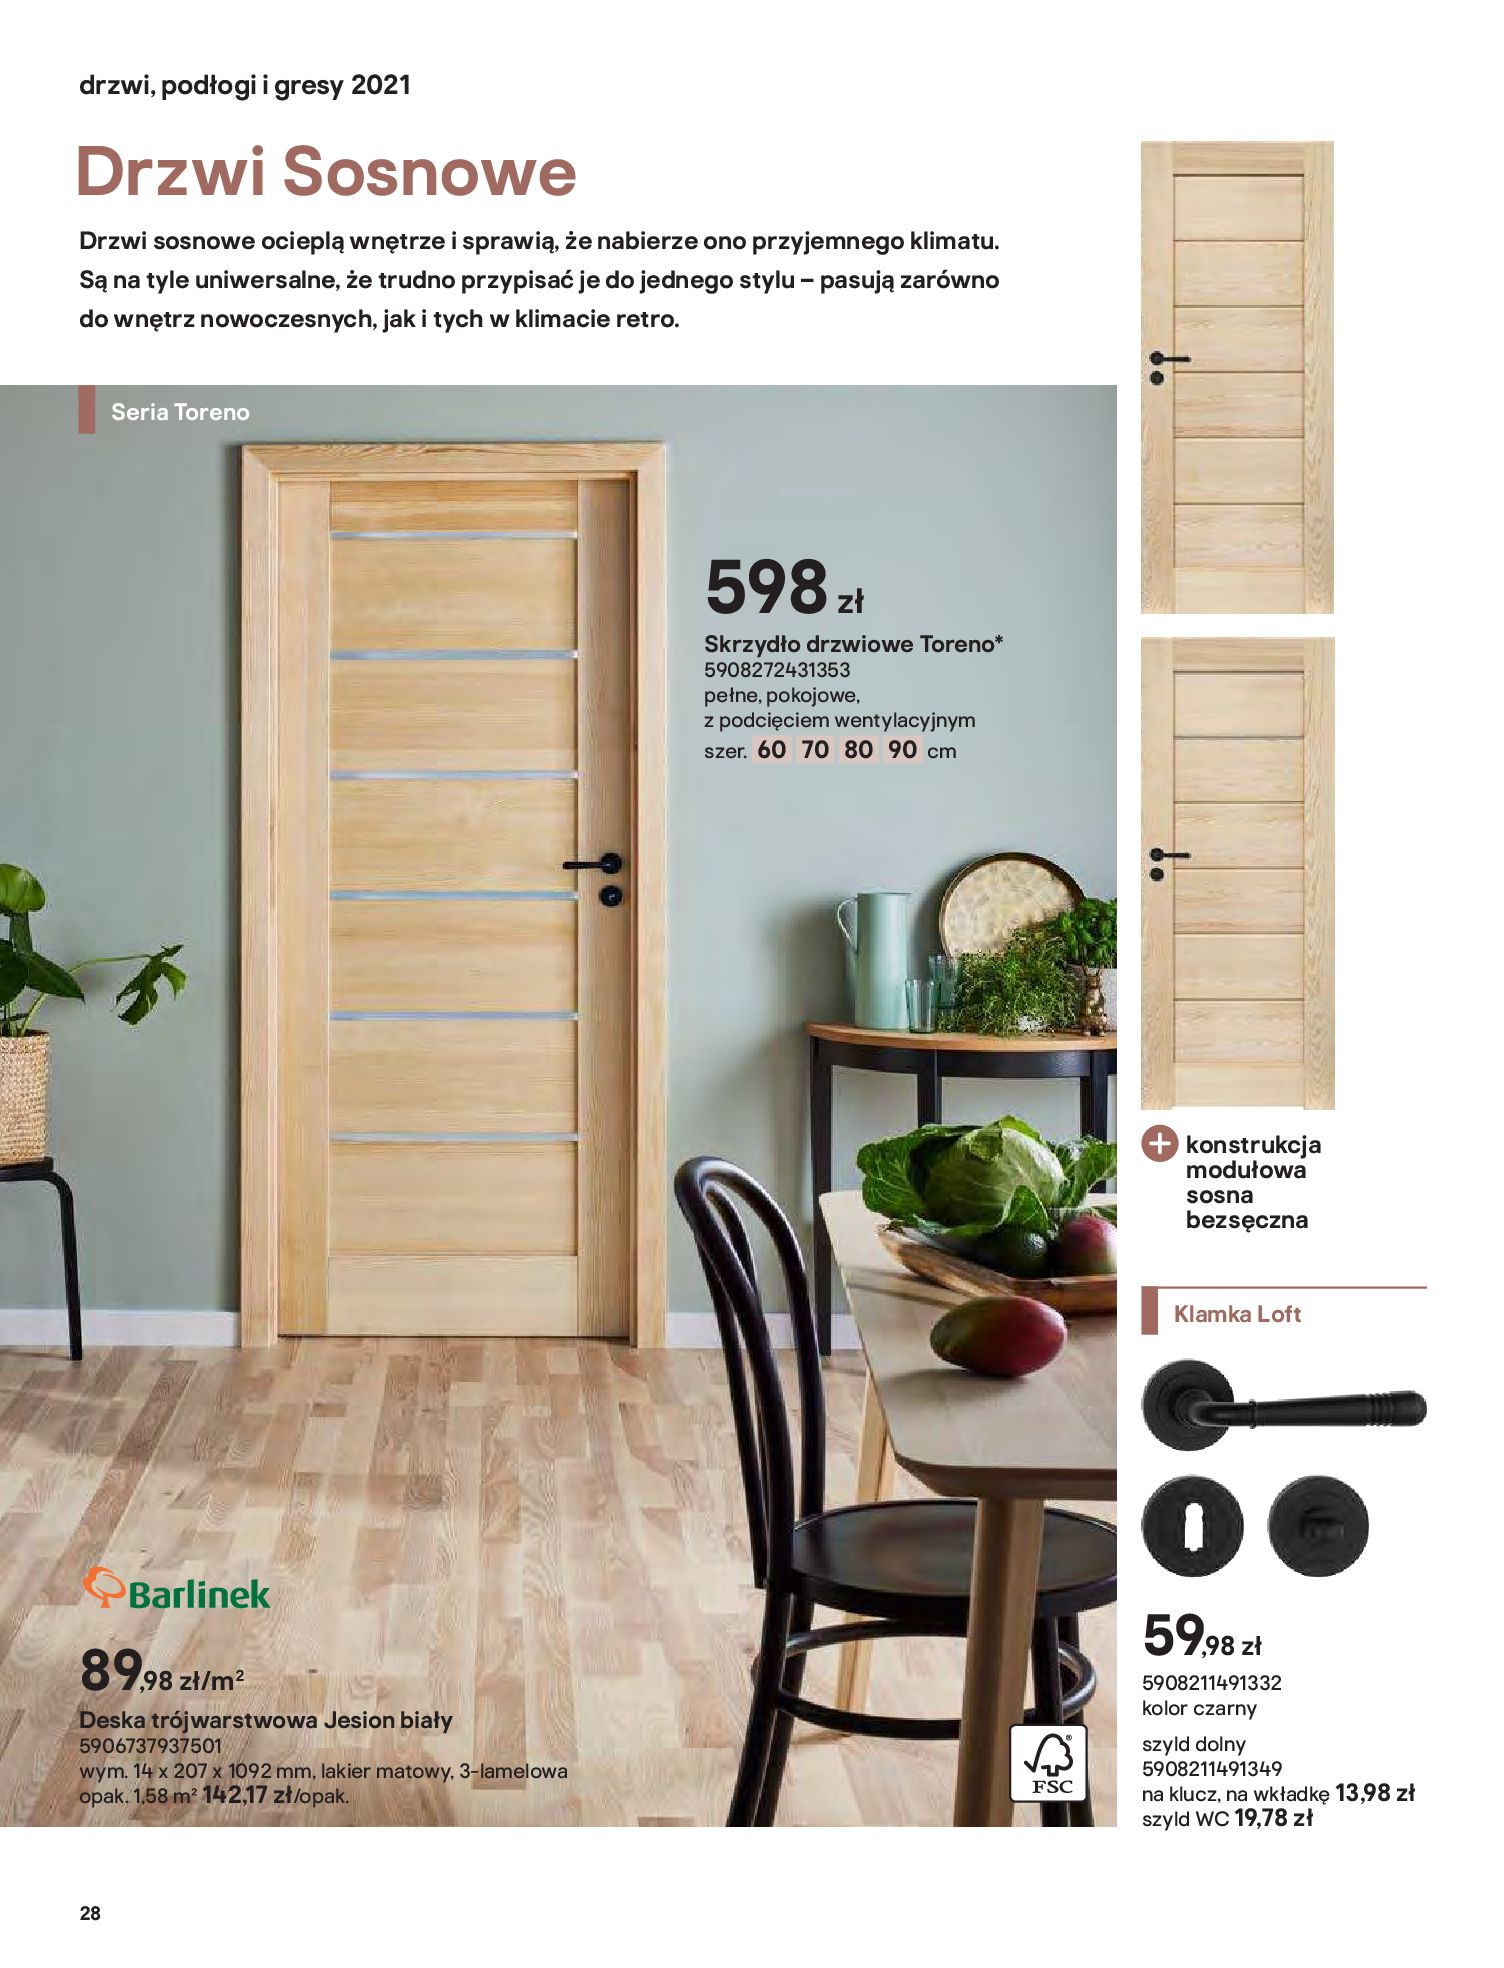 Gazetka Castorama: Gazetka Castorama - Przewodnik drzwi i podłogi 2021 2021-08-11 page-28